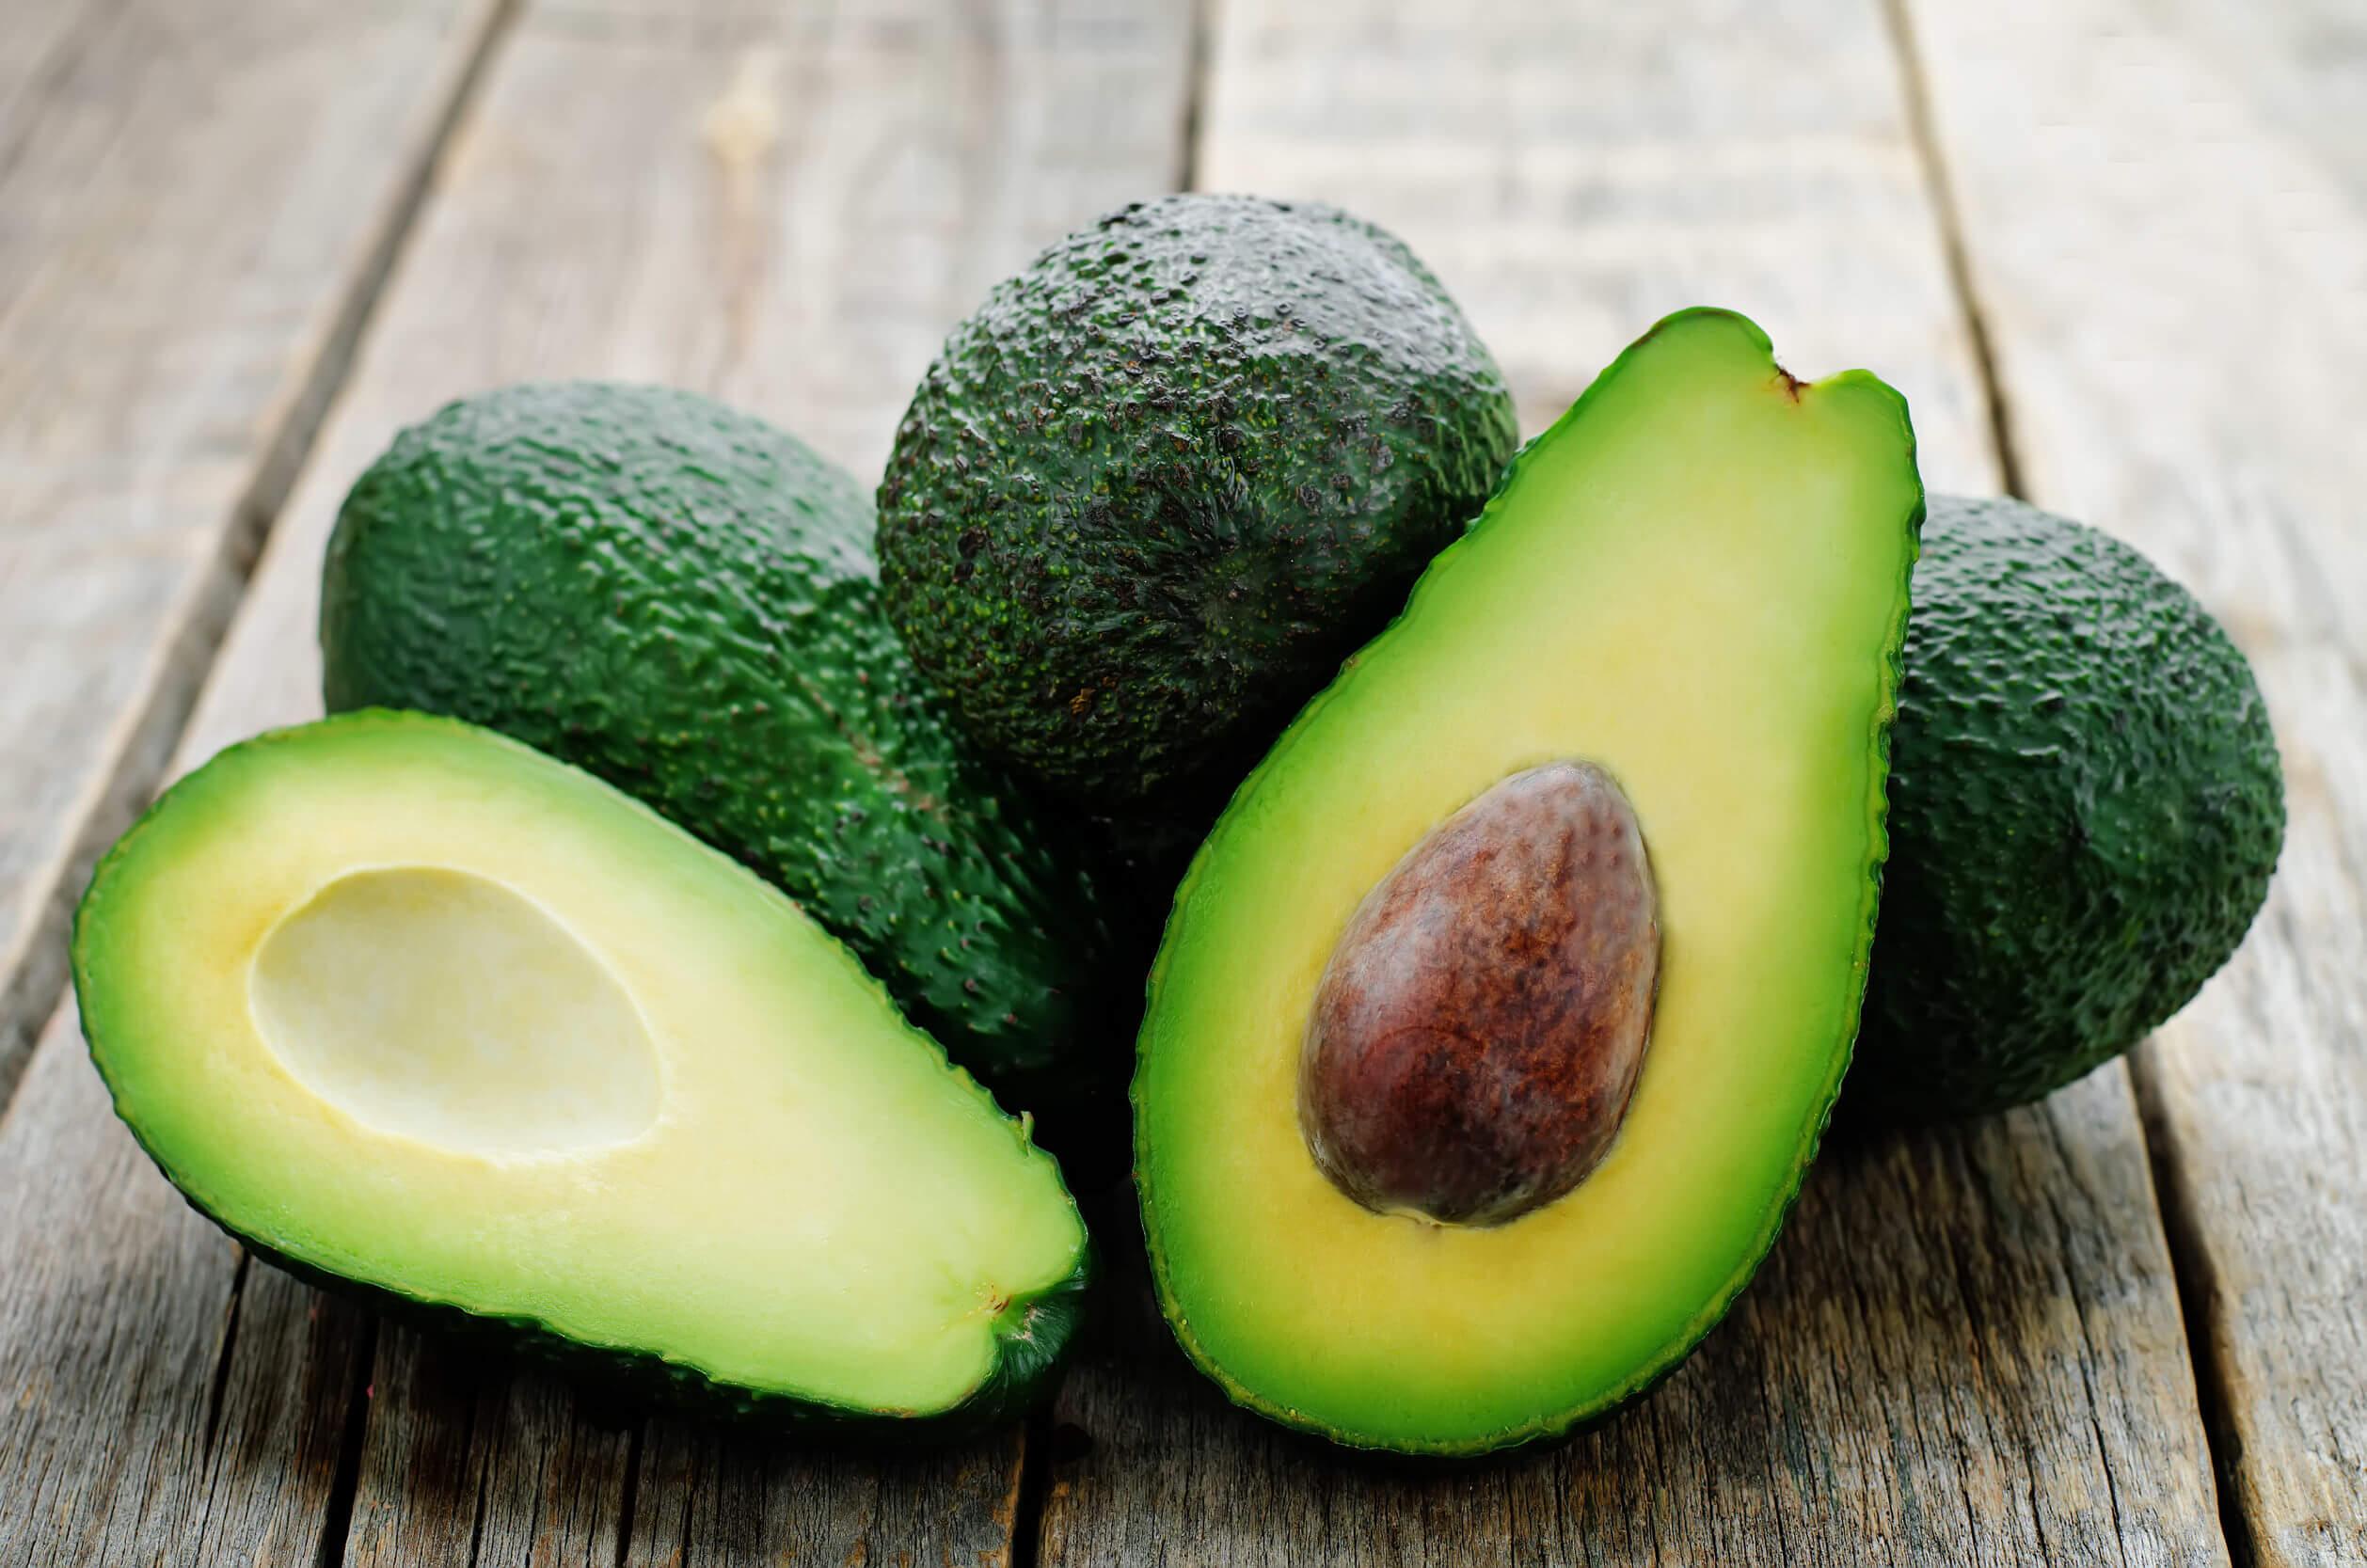 Non tutti i tipi di grasso sono uguali. Quelli presenti nell'avocado sono sani.